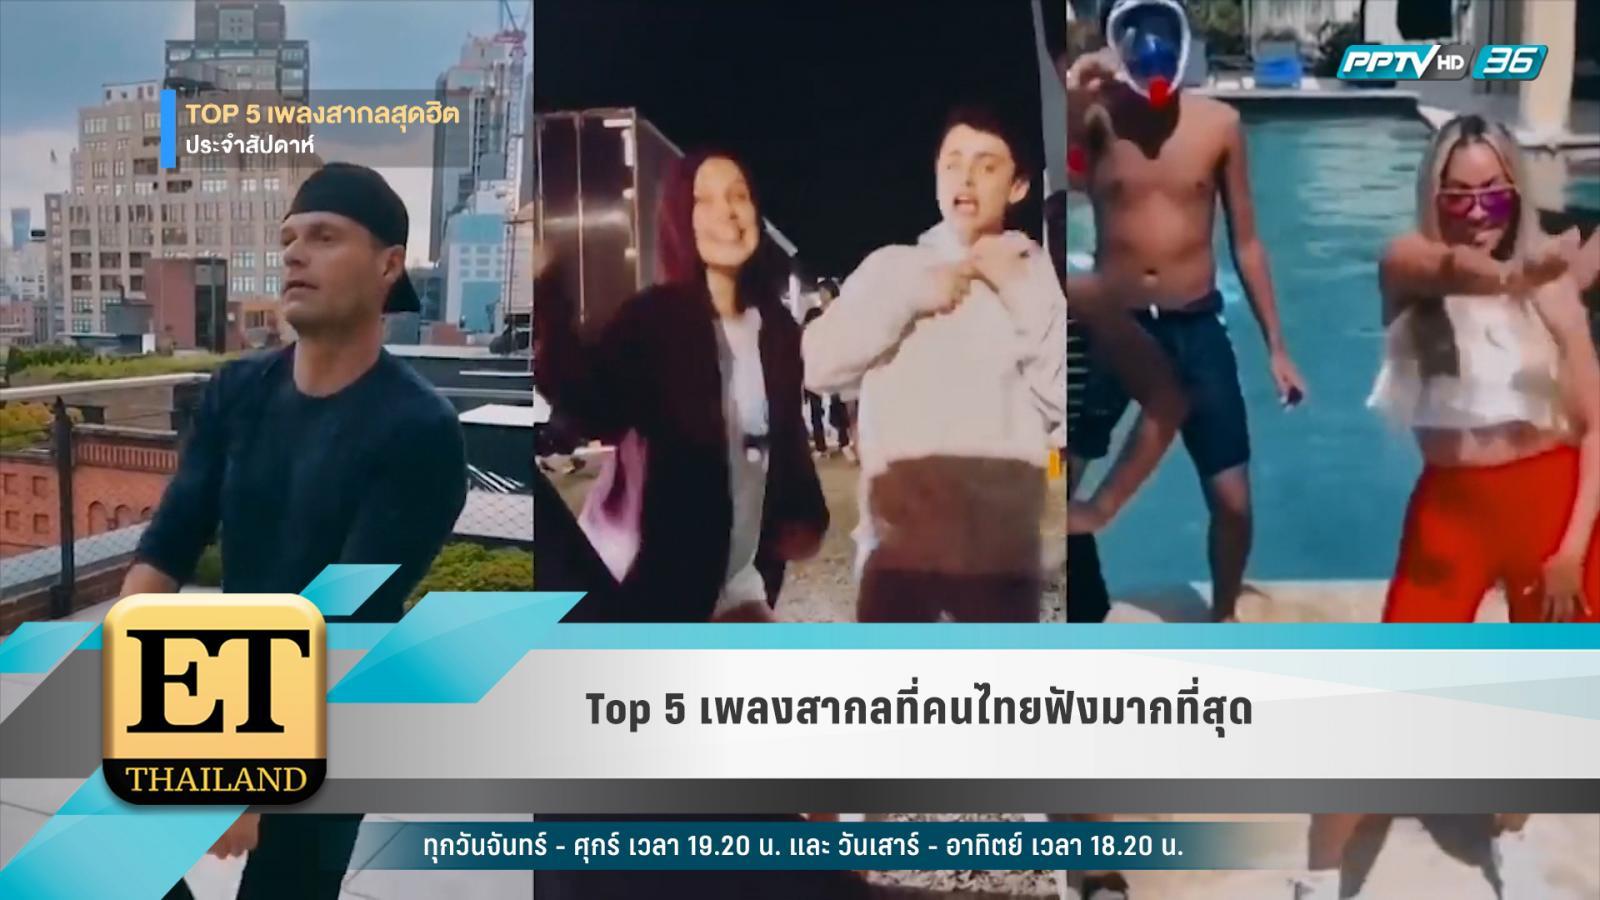 Top 5 เพลงสากลที่คนไทยฟังมากที่สุด